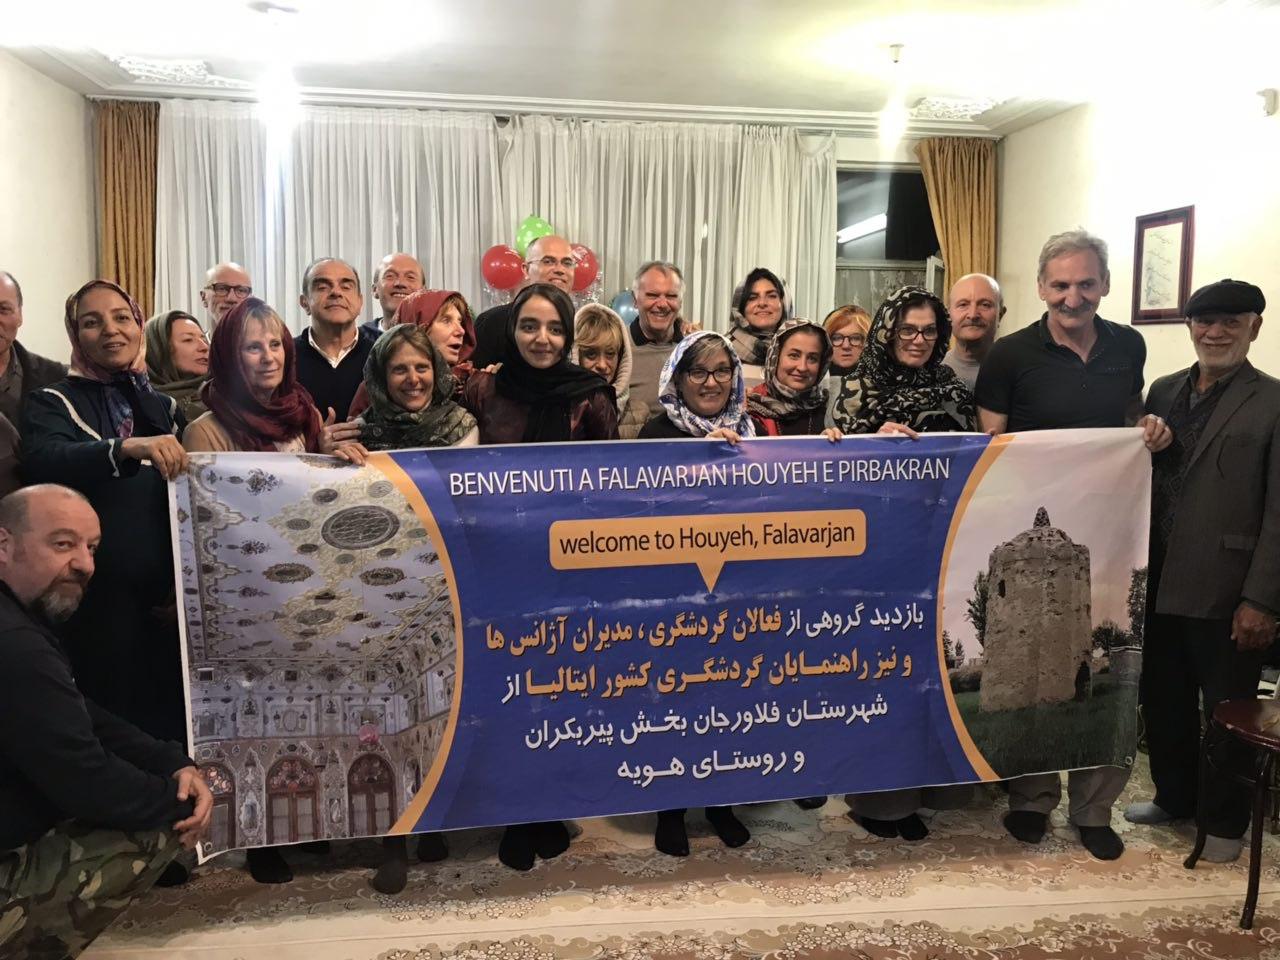 بازدید جمعی از راهنمایان ، مدیران اژانسها و فعالین گردشگری ایتالیا از آثار تاربخی شهرستان فلاورجان